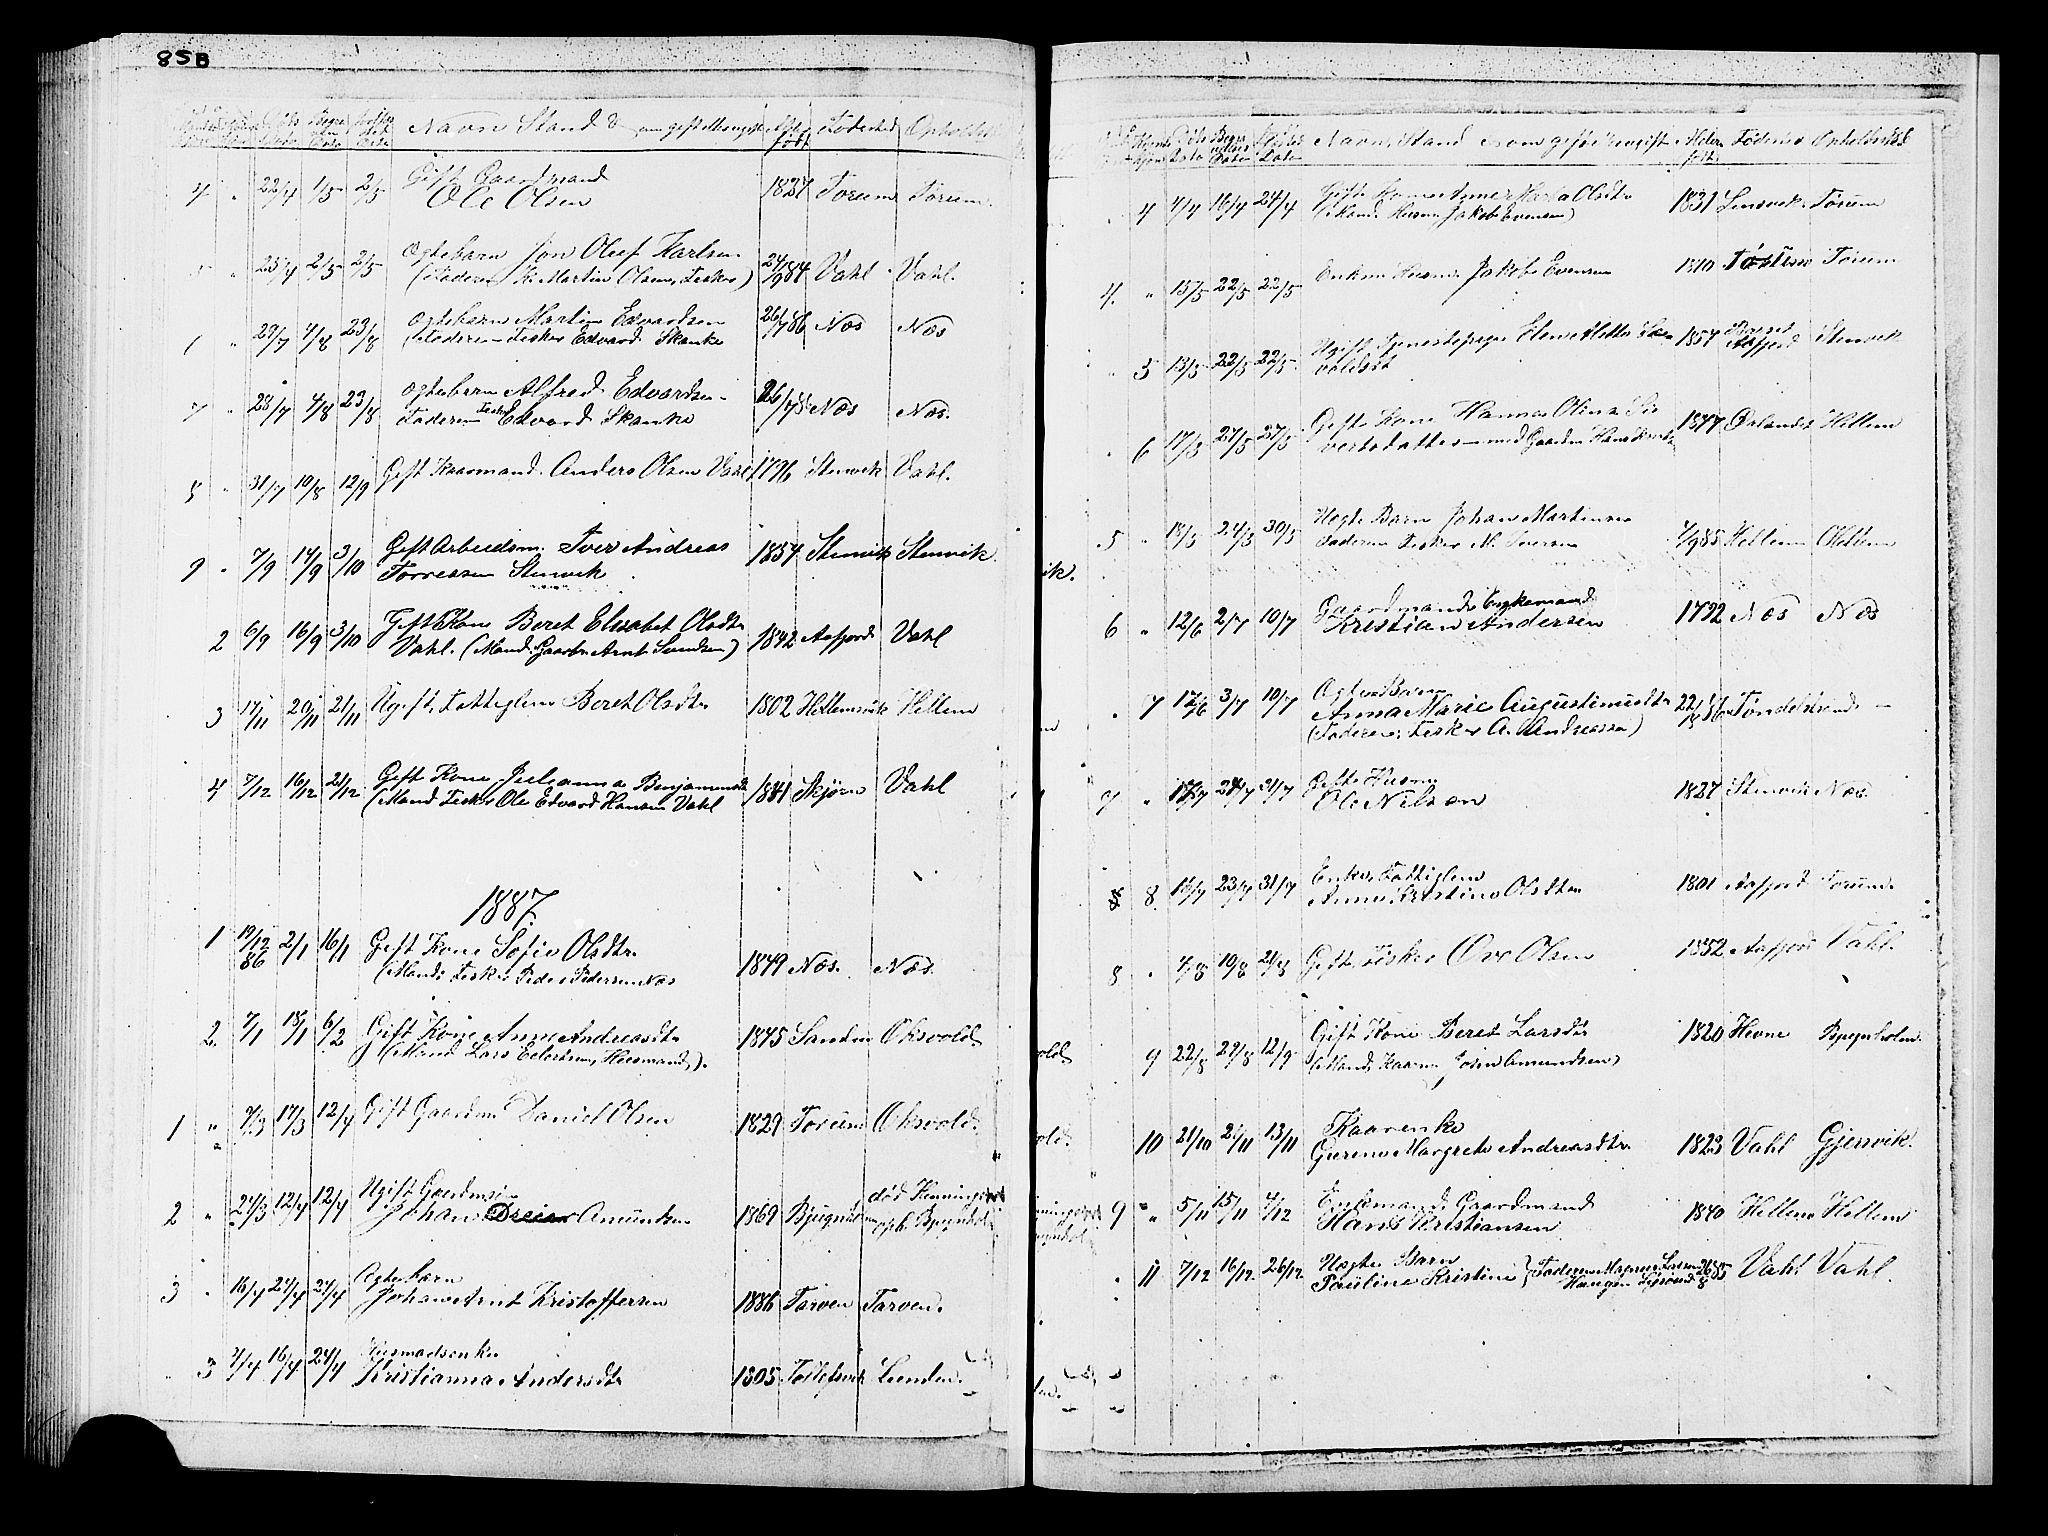 SAT, Ministerialprotokoller, klokkerbøker og fødselsregistre - Sør-Trøndelag, 652/L0653: Klokkerbok nr. 652C01, 1866-1910, s. 86